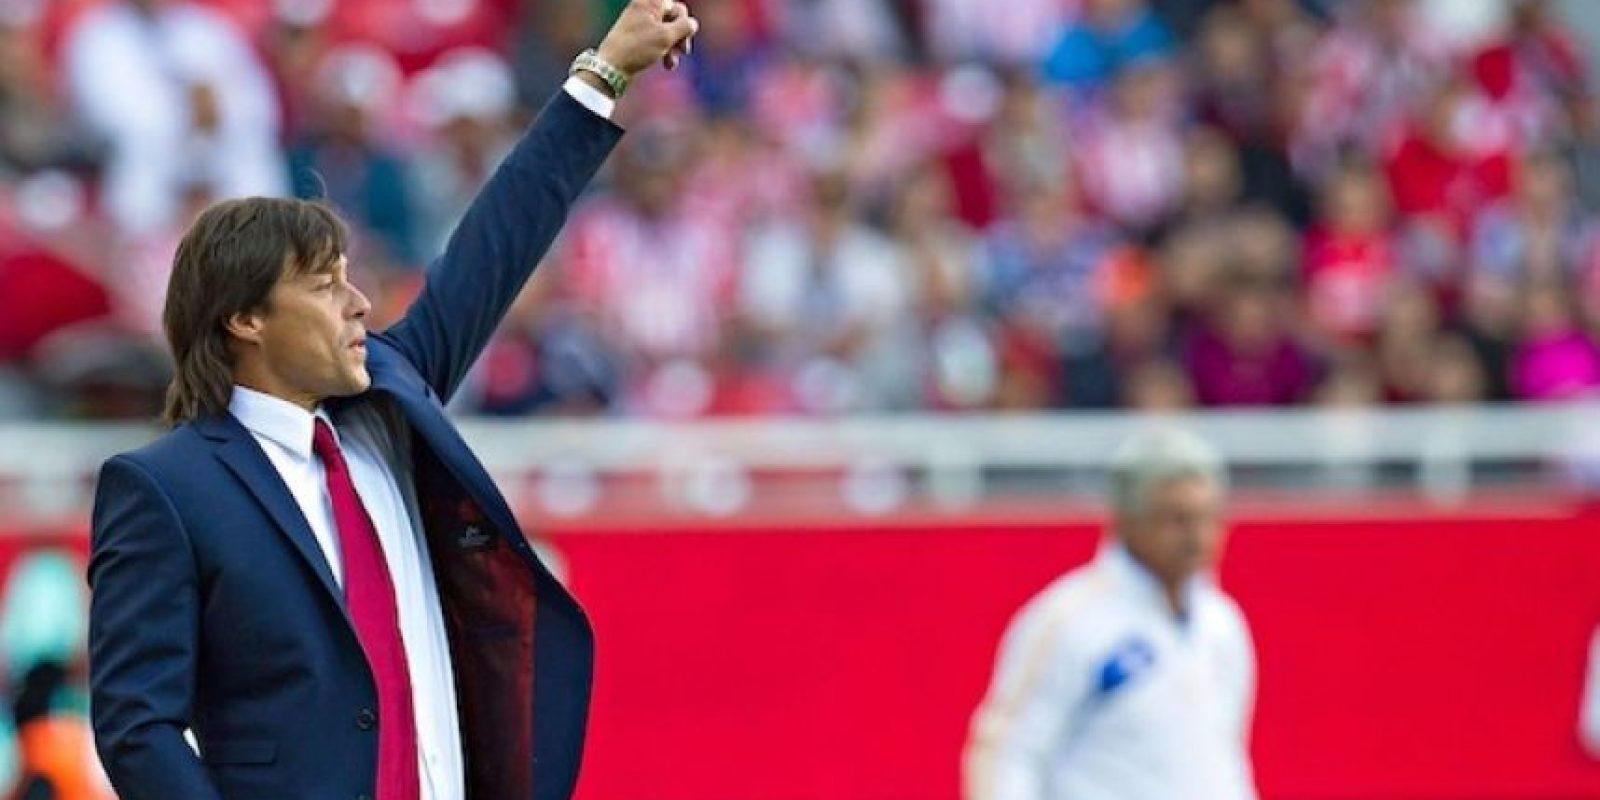 """El estratega de las Chivas, """"Pelado"""" Almeyda, admitió que sueña con dirigir en un Mundial. Foto:Mexsport"""